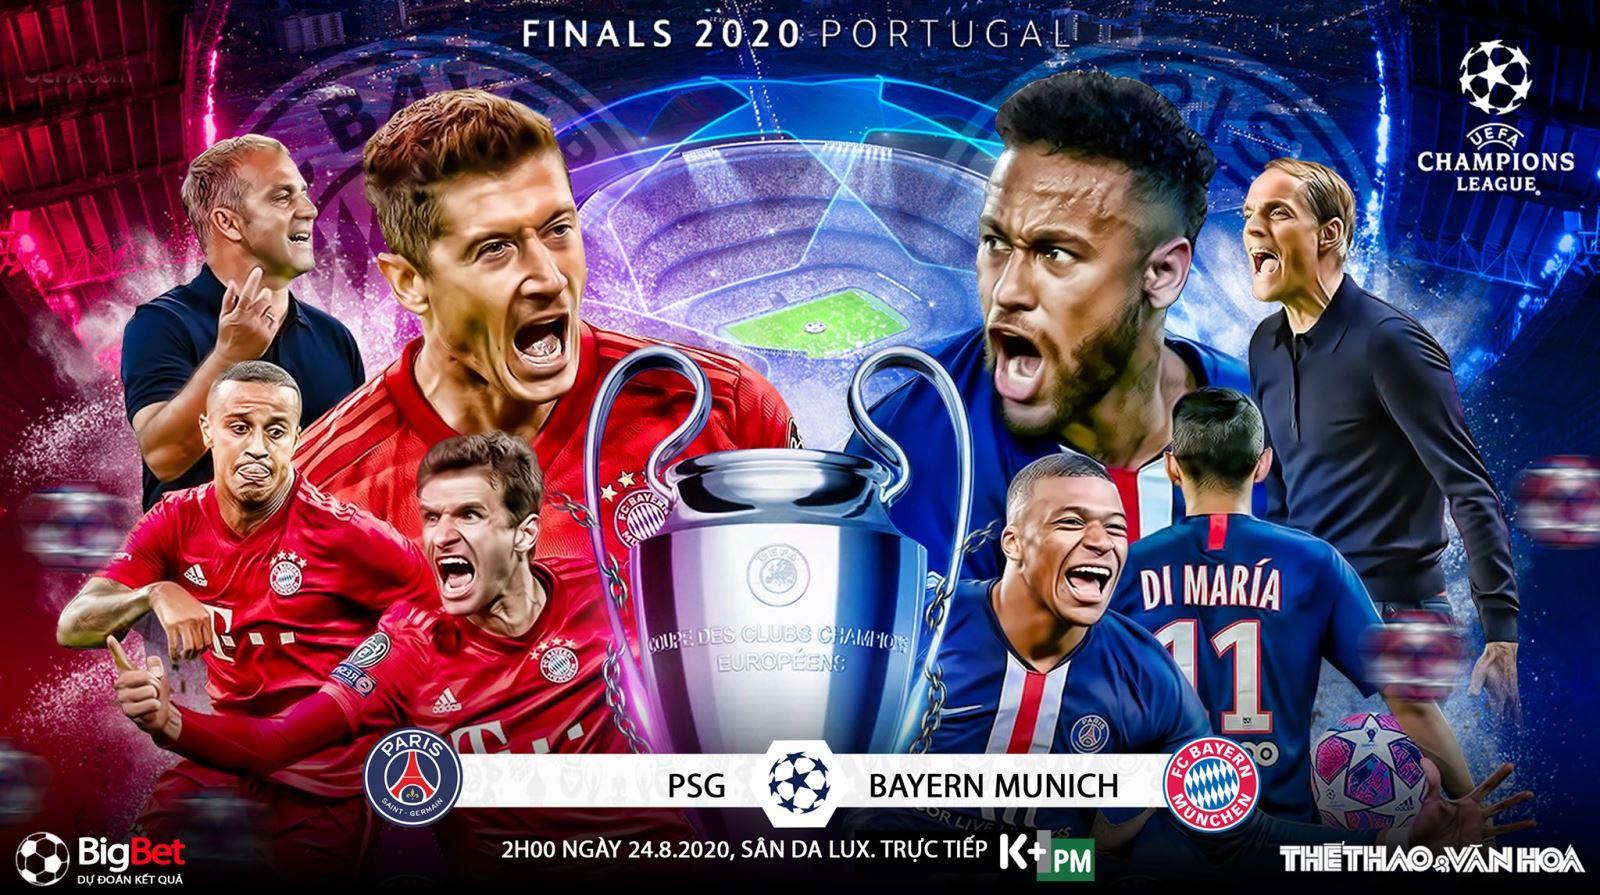 TRỰC TIẾP BÓNG ĐÁ: PSG vs Bayern Munich. Chung kết Cúp C1. K+, K+PM trực tiếp